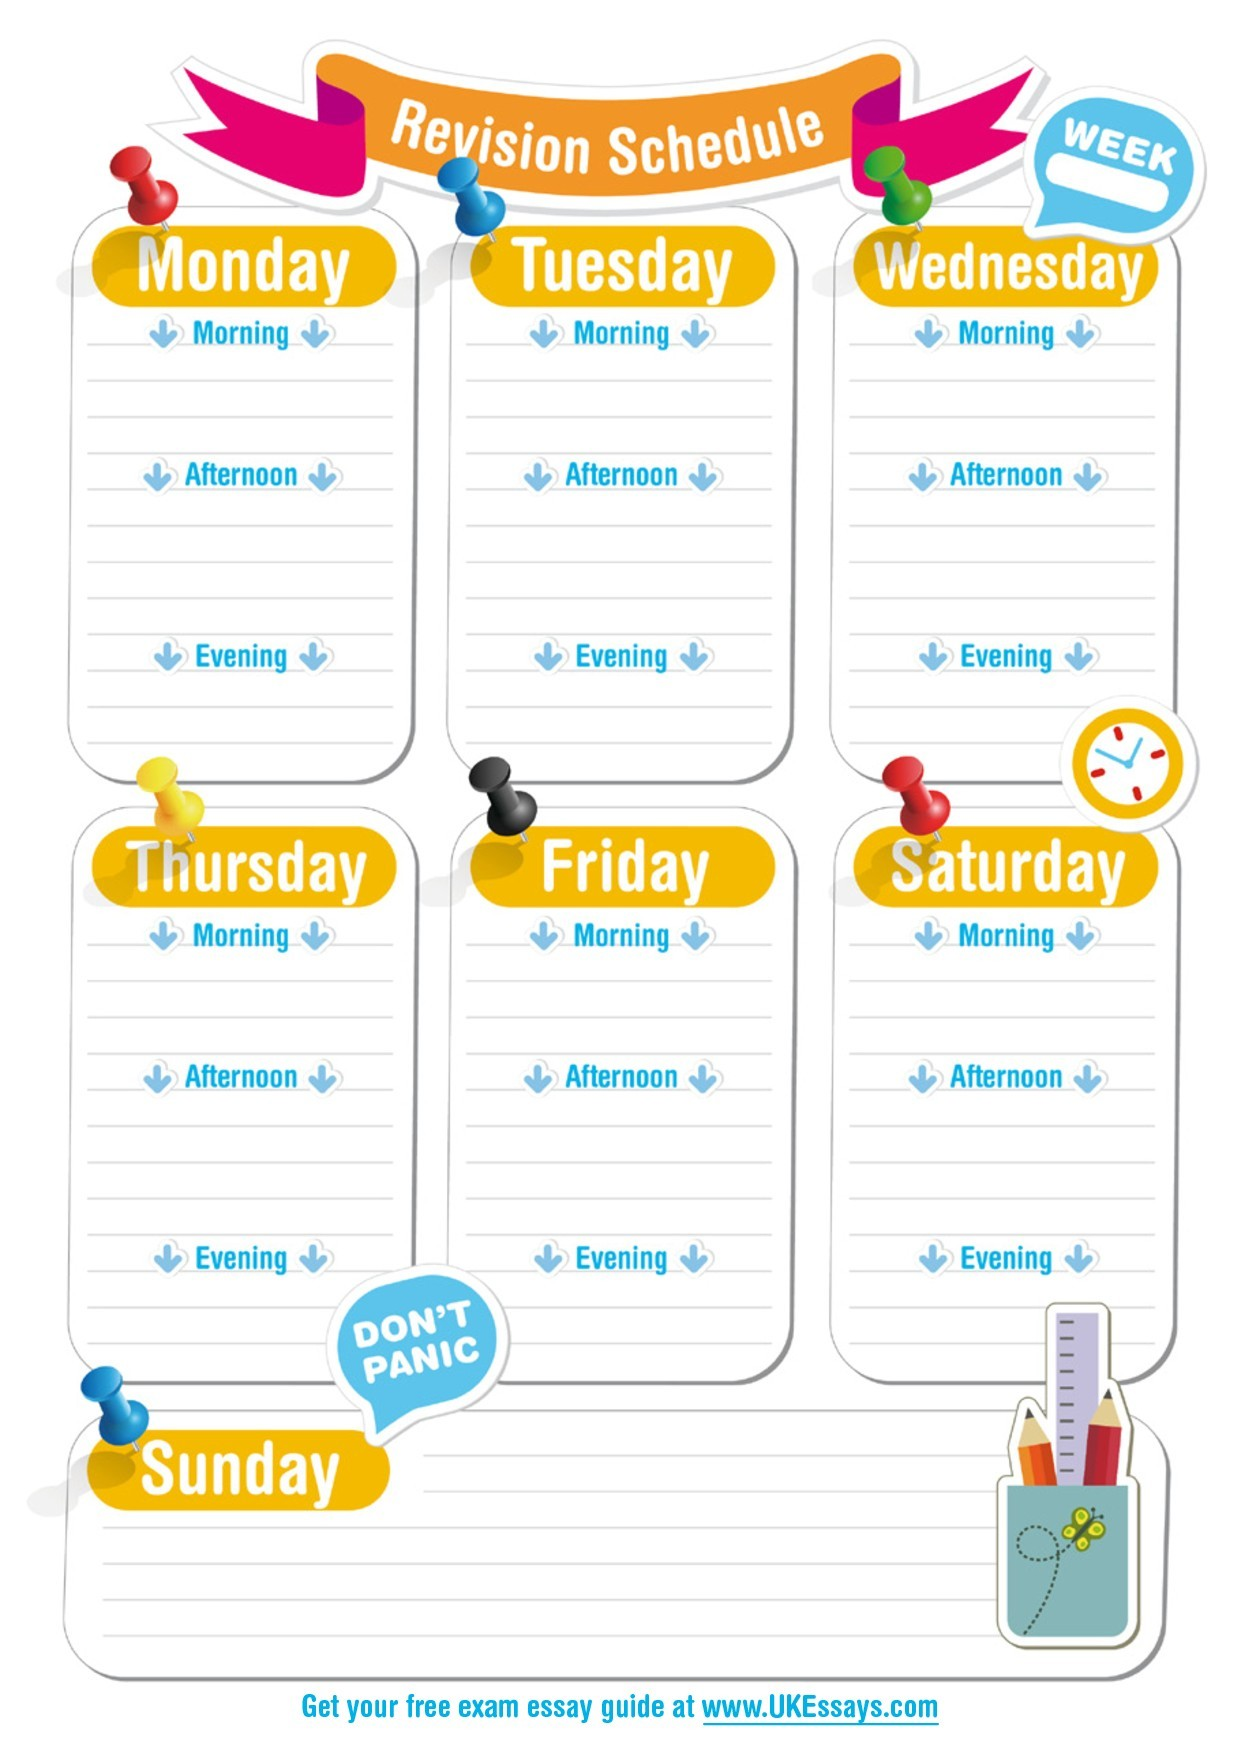 Calendario 2019 Chile Con Feriados Para Imprimir Word Más Actual Este Es Realmente Calendario 2019 Word Modificabile Of Calendario 2019 Chile Con Feriados Para Imprimir Word Recientes Determinar Calendario 2019 In Excel